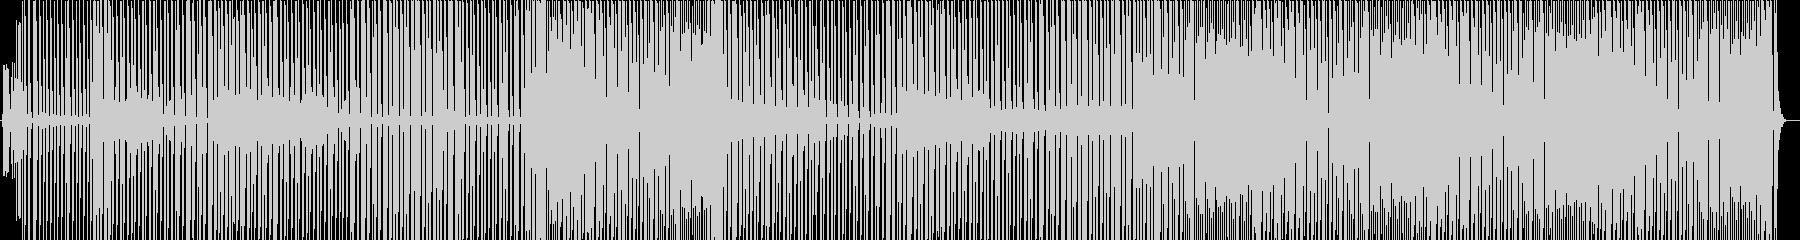 とにかく明るいレゲエリズムの未再生の波形